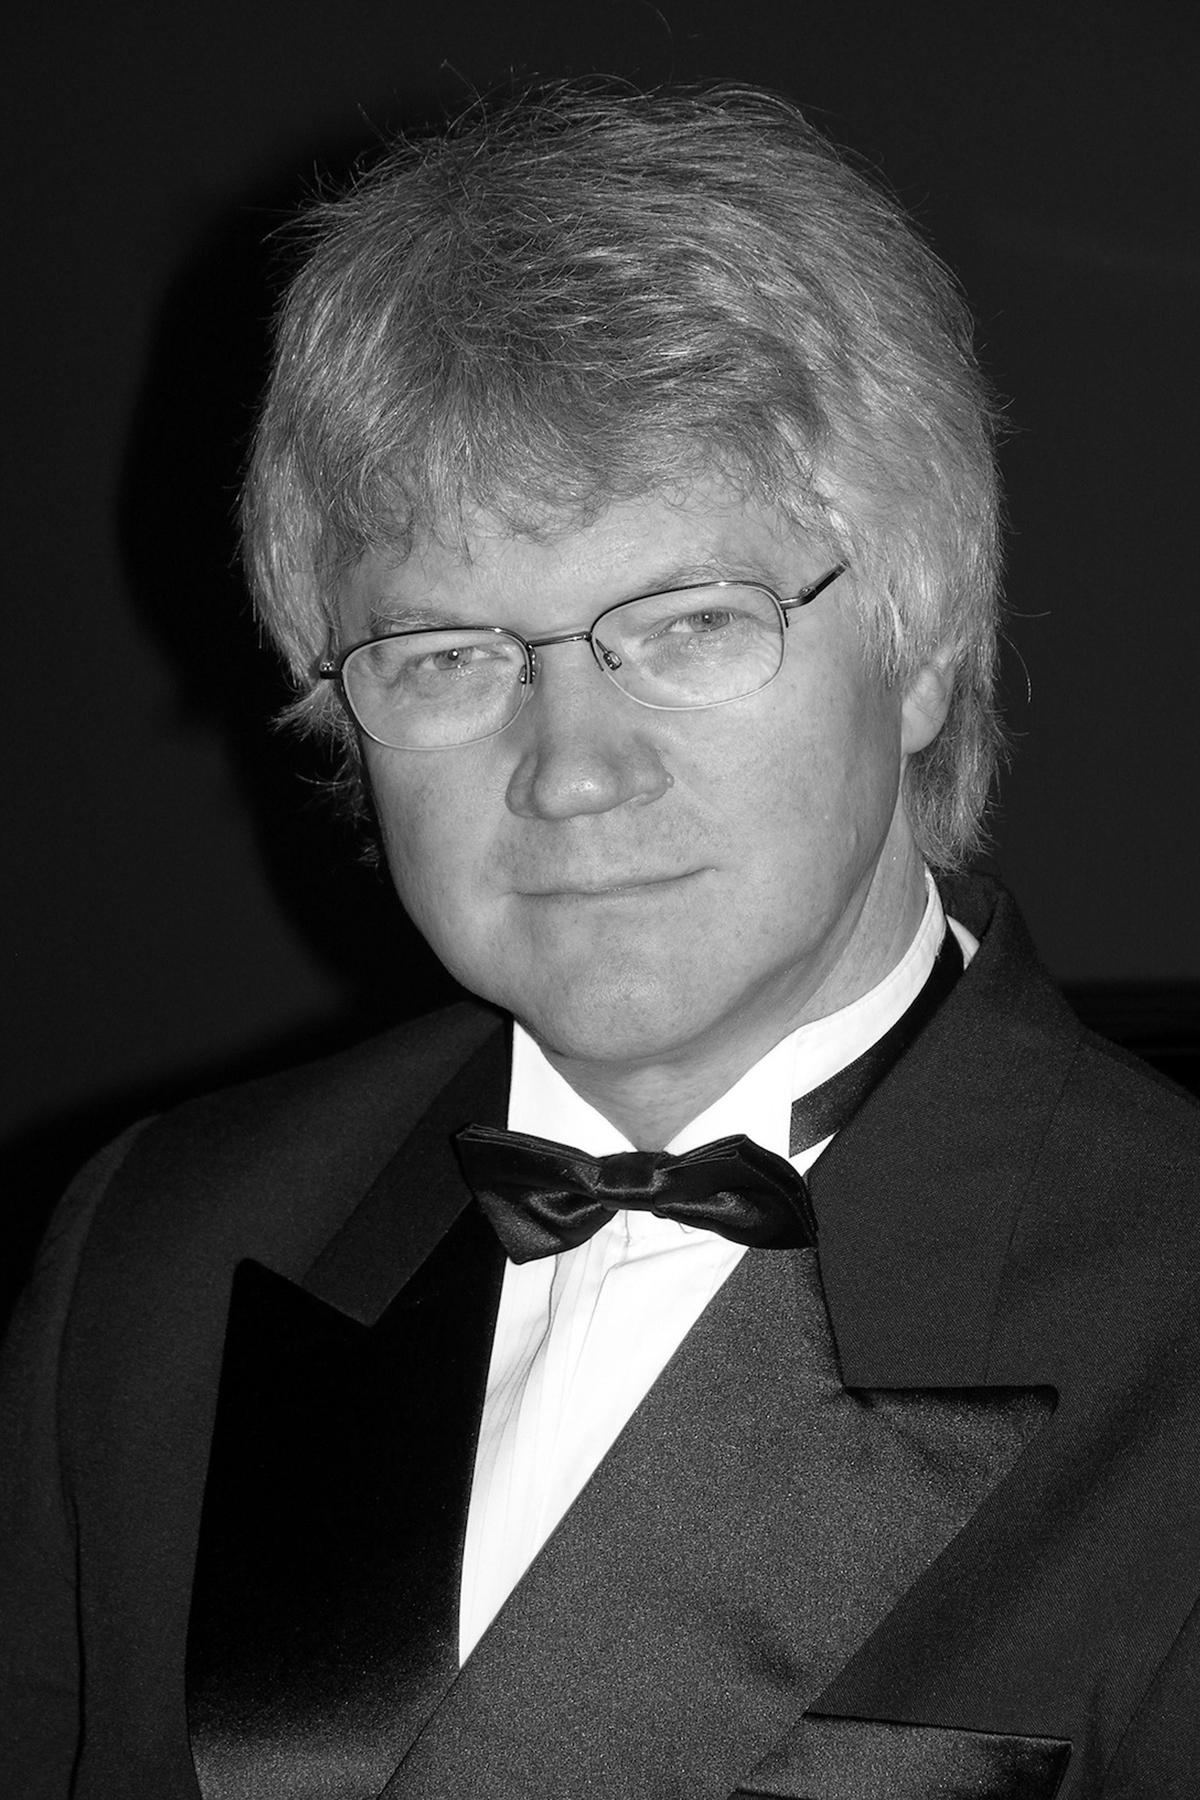 Albie van Schalkwyk